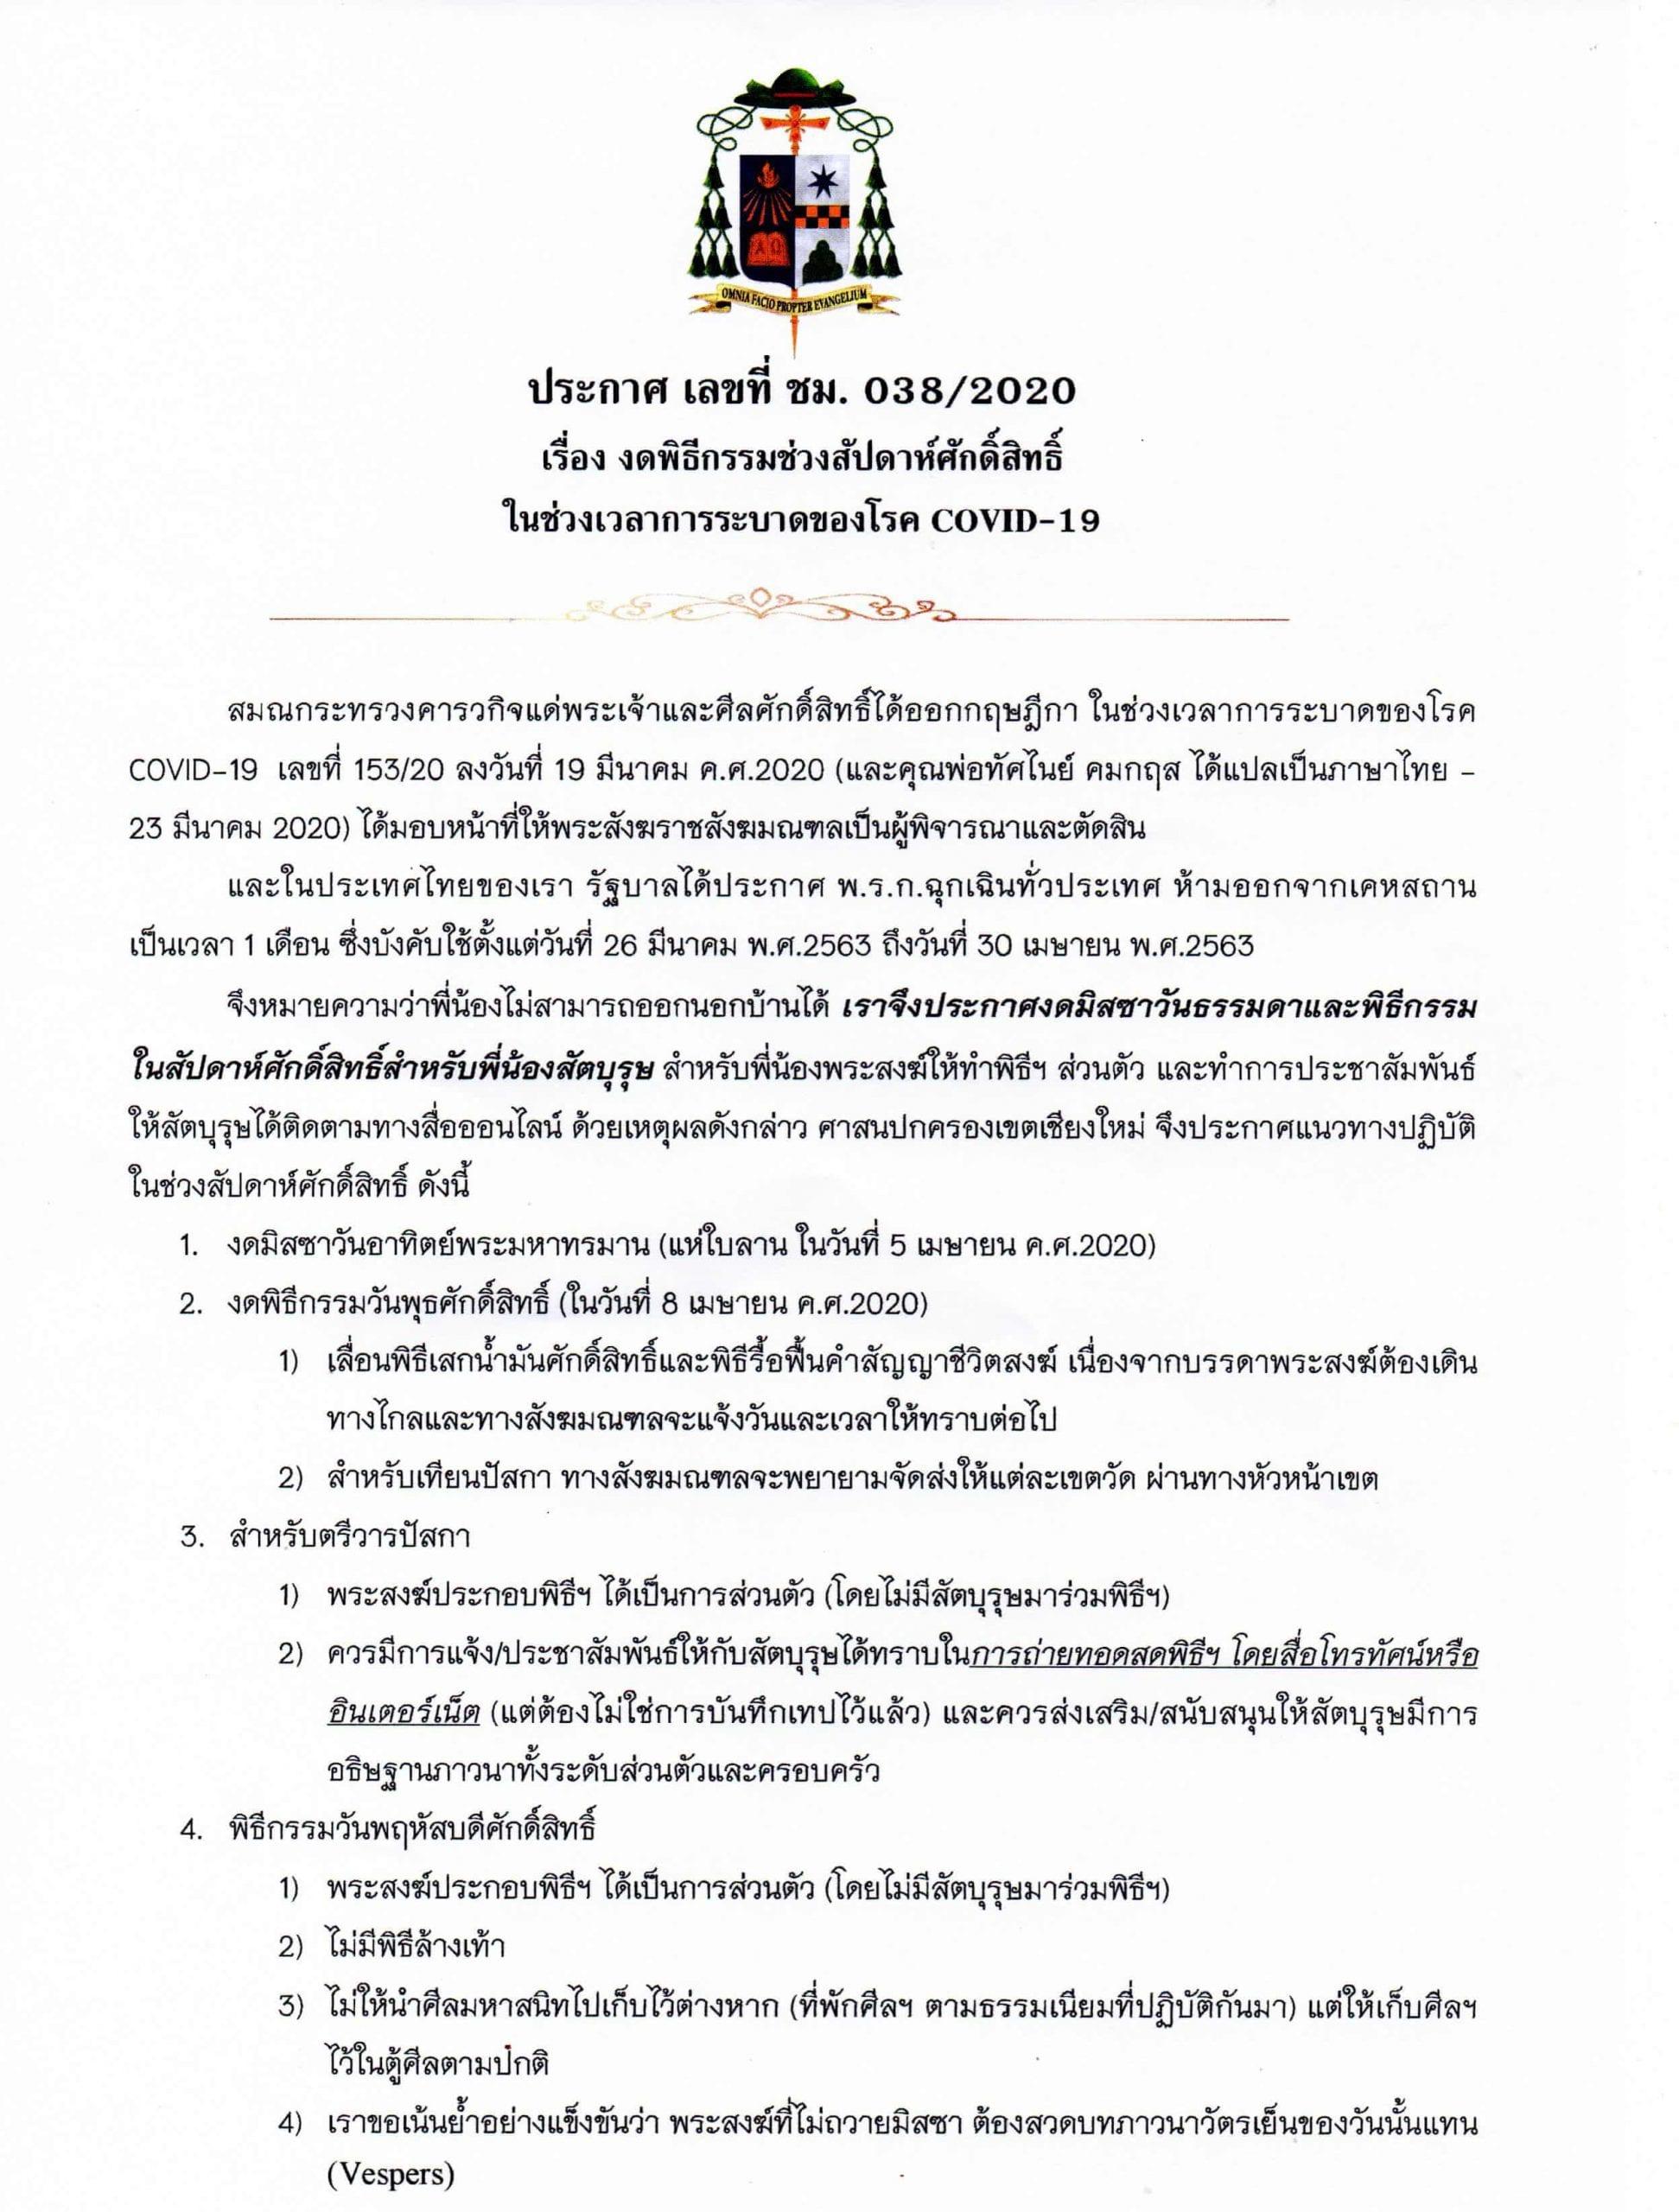 ประกาศ เลขที่ ชม. 038-2020 (1)